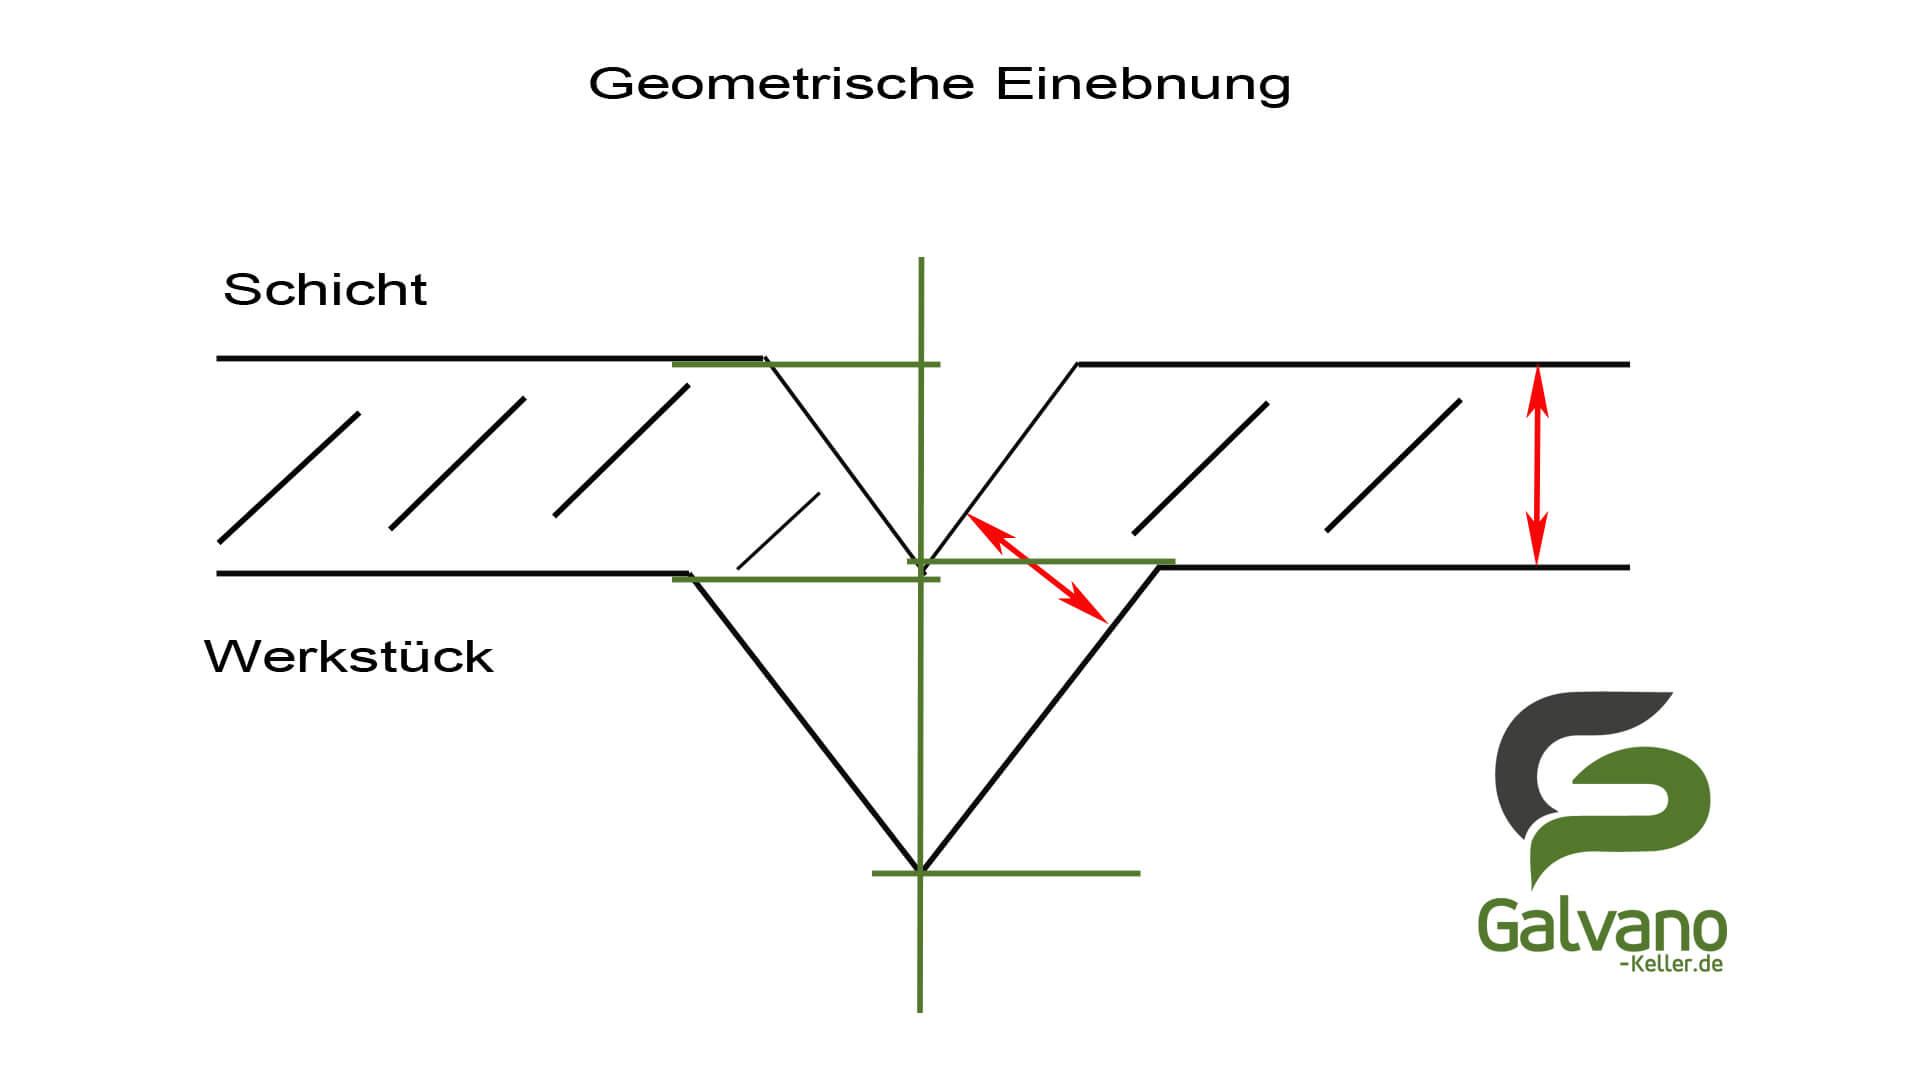 Schaubild zur geometrischen Einebnung